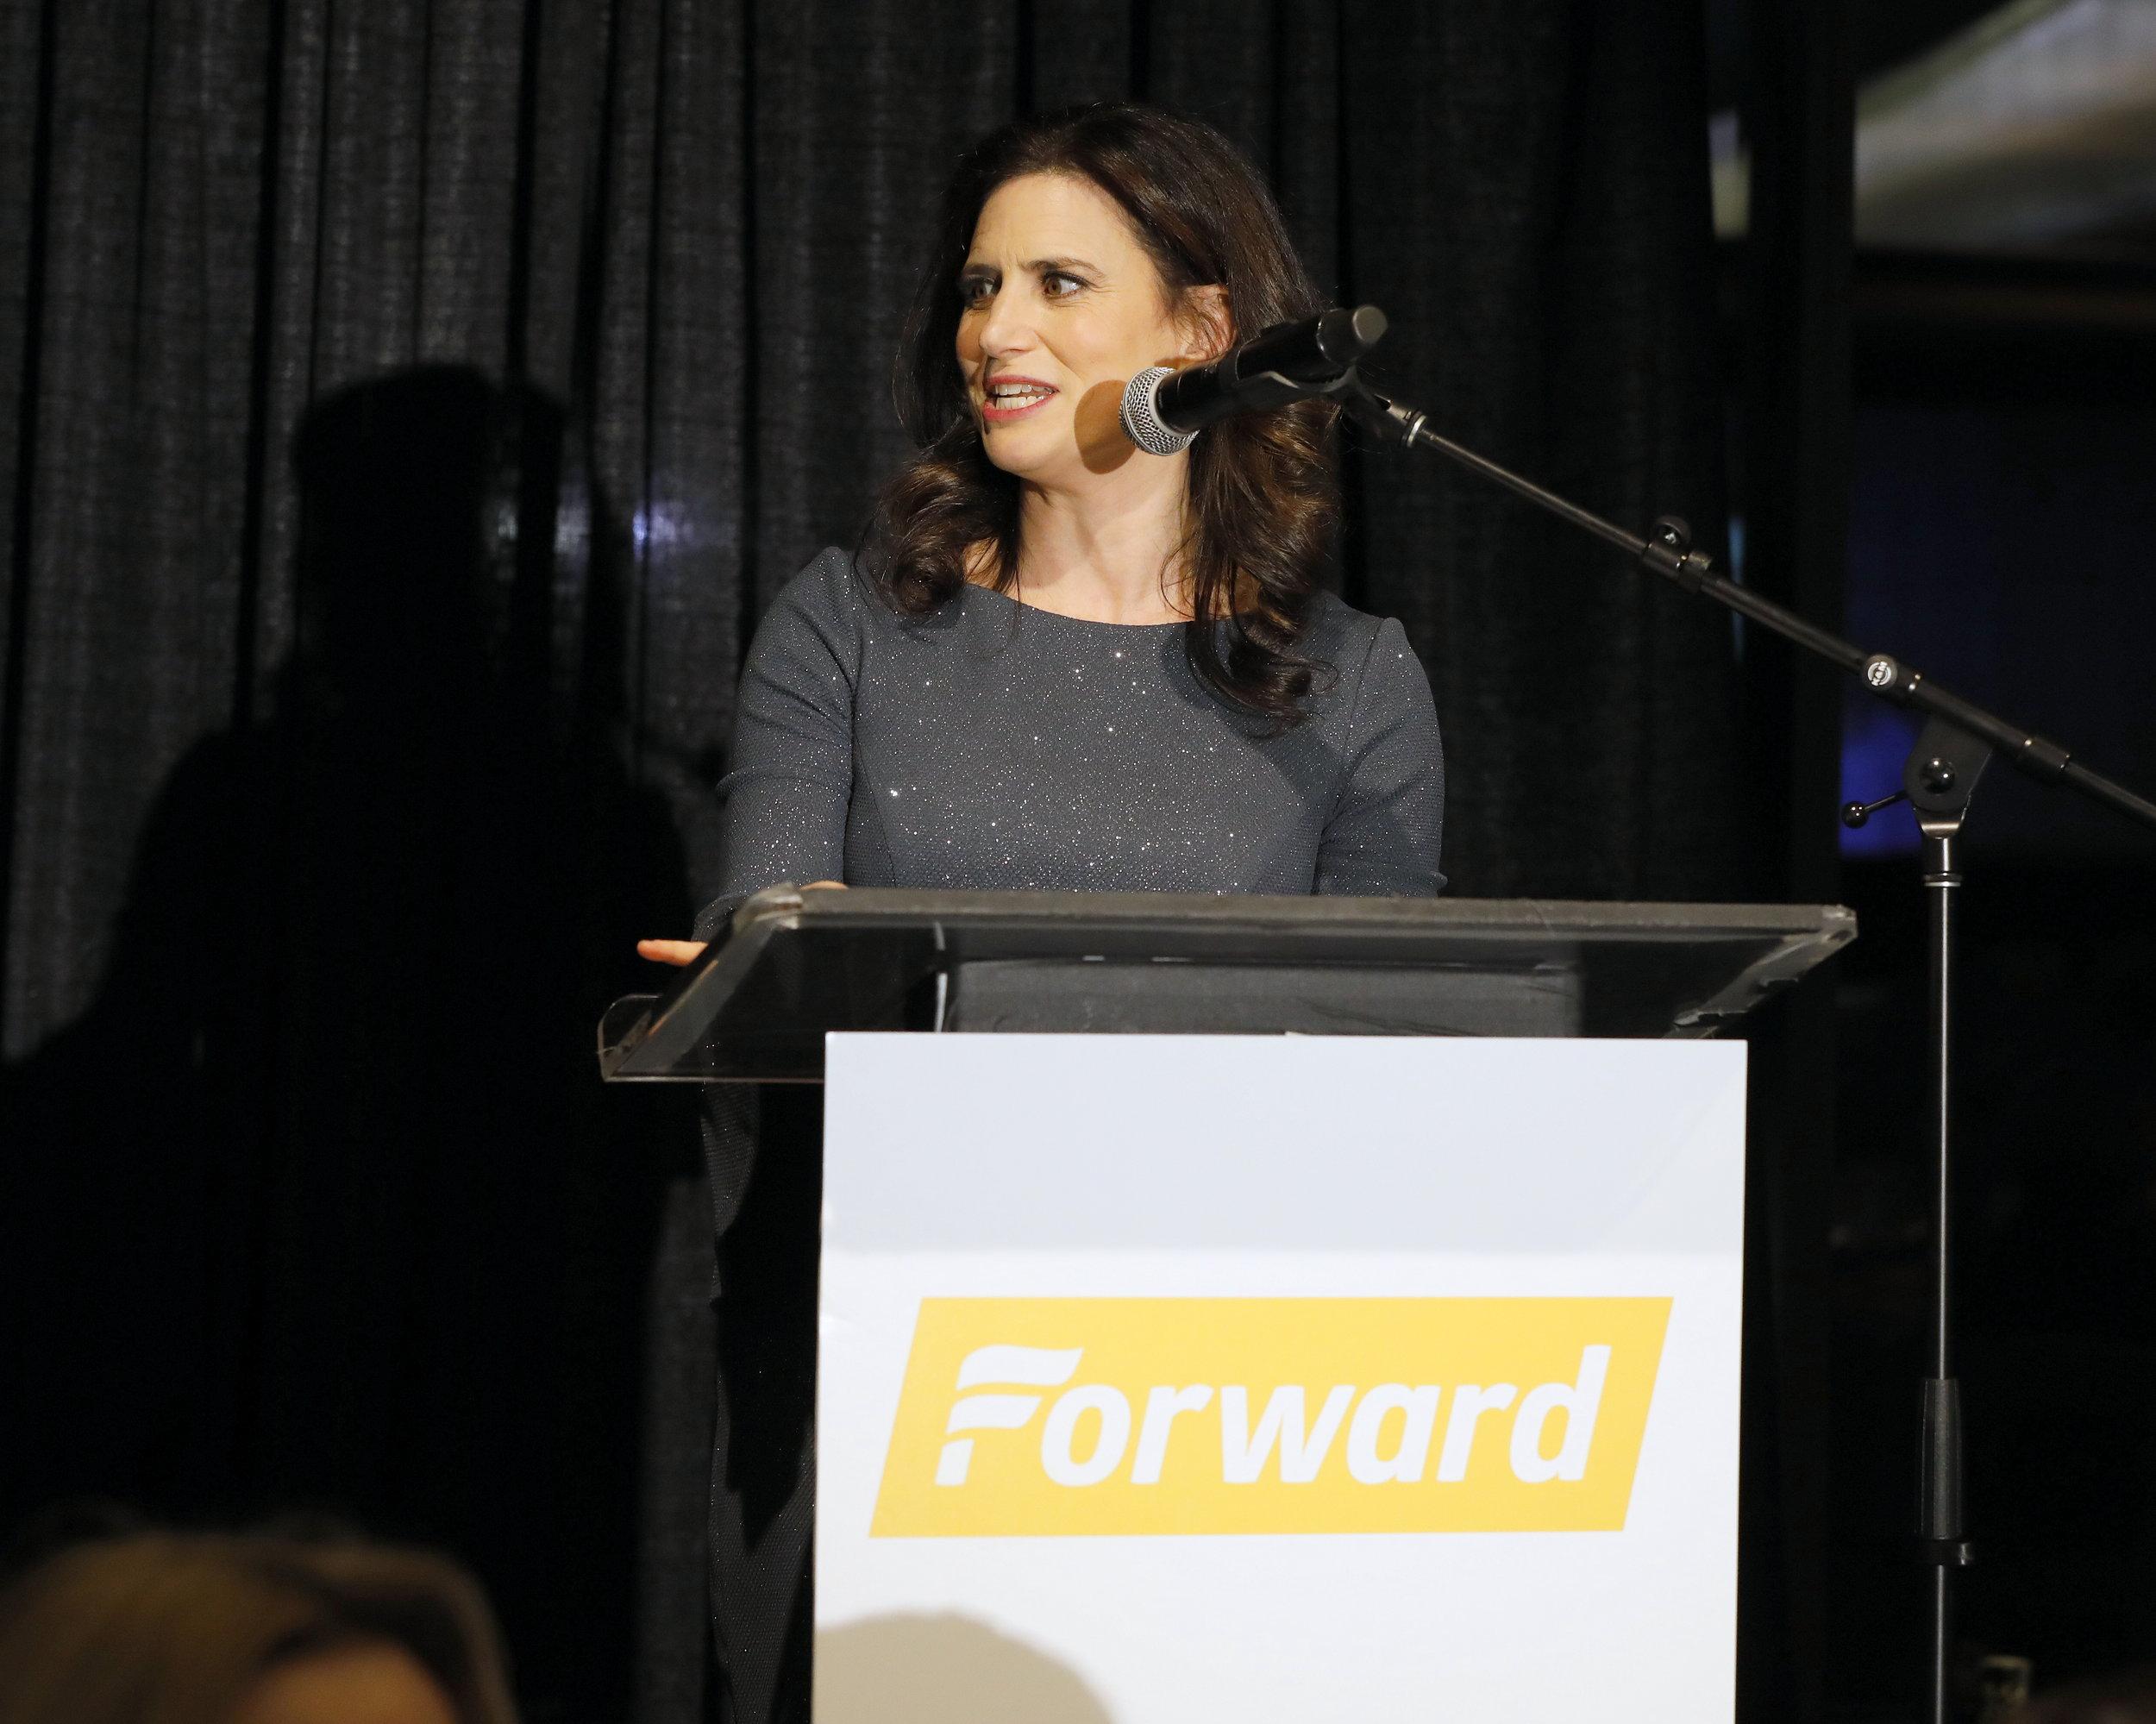 Rachel_podium.JPG